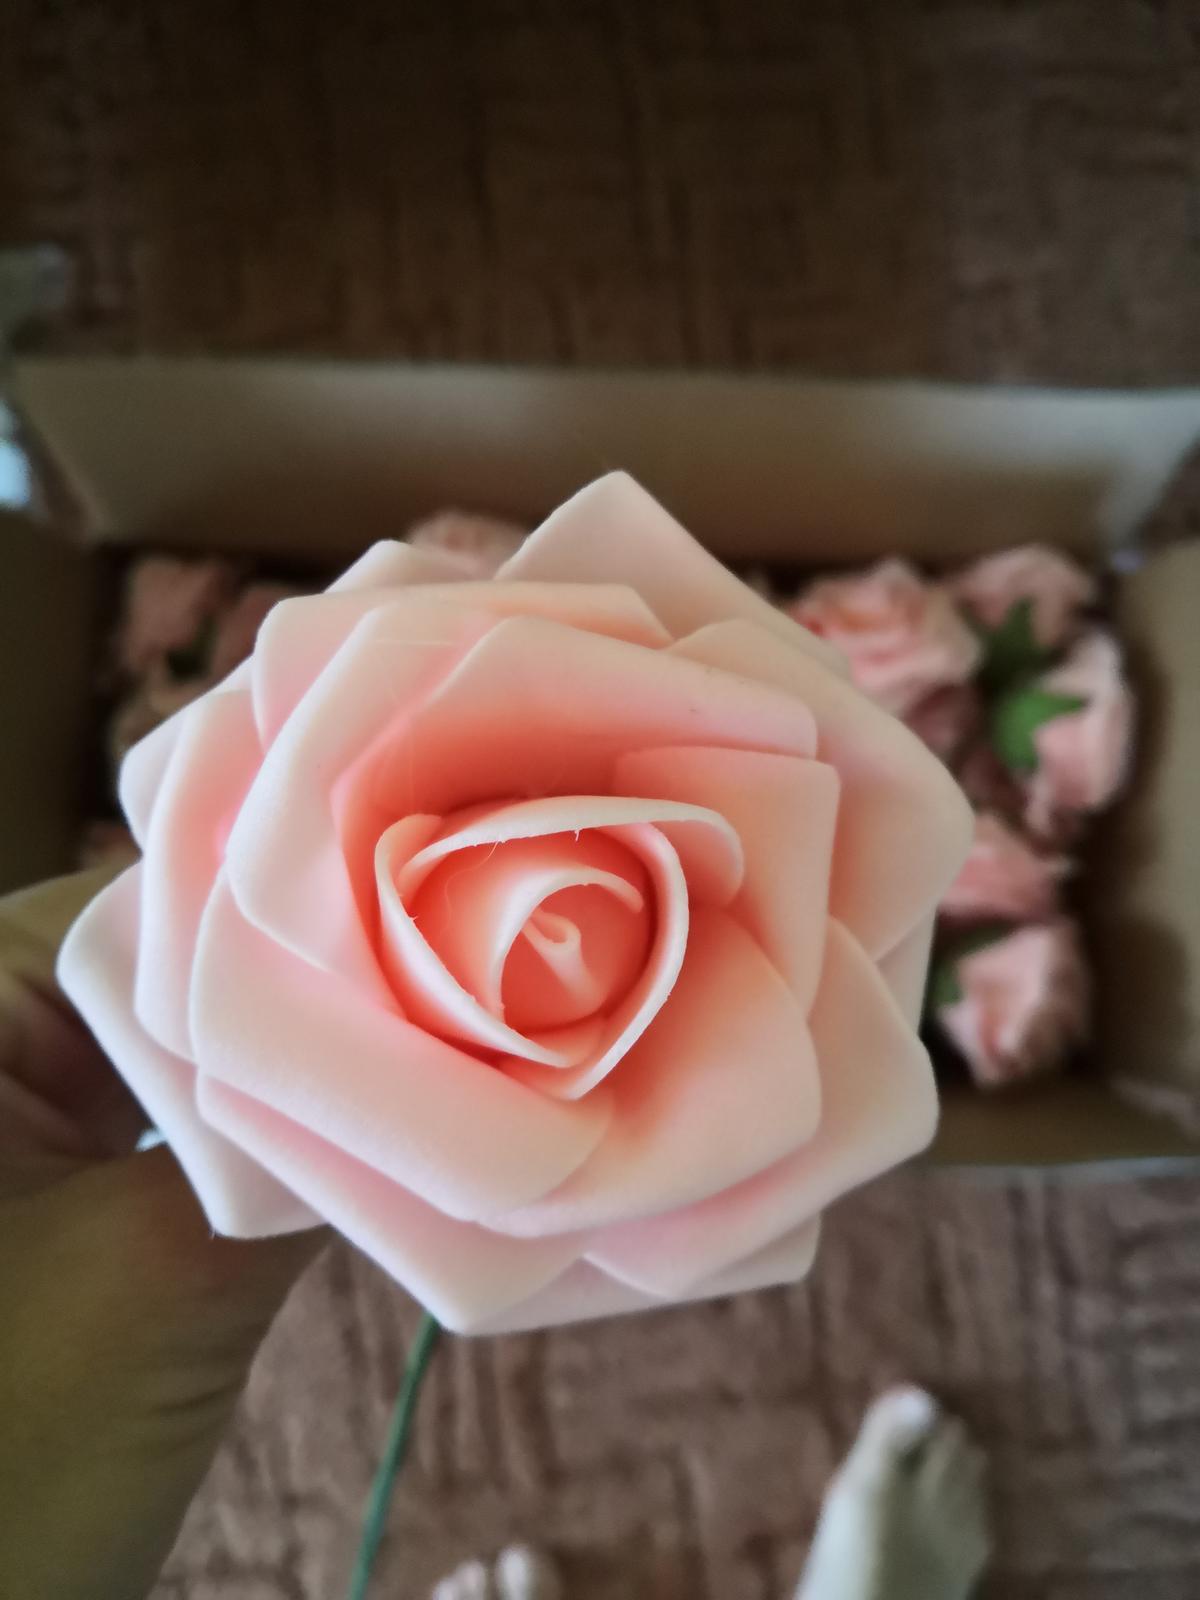 Kvet ružový (ruža) - Obrázok č. 1